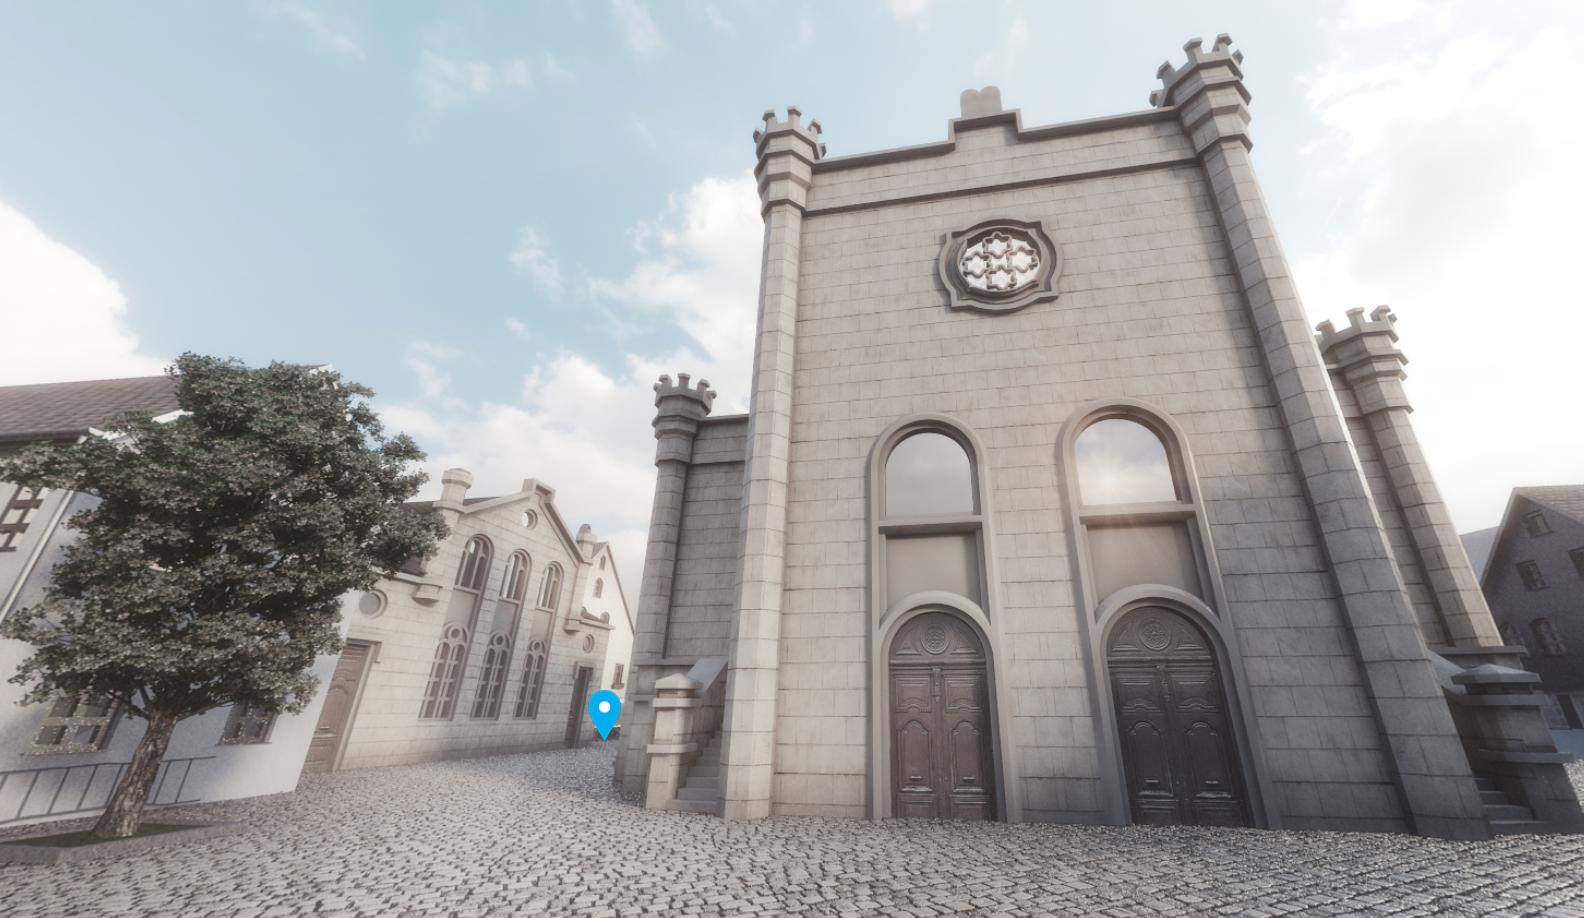 Blick auf die ehemalige Neuschul. Sie und der gesamte Fürther Schulhof wurden in einer Panoramaansicht rekonstruiert.